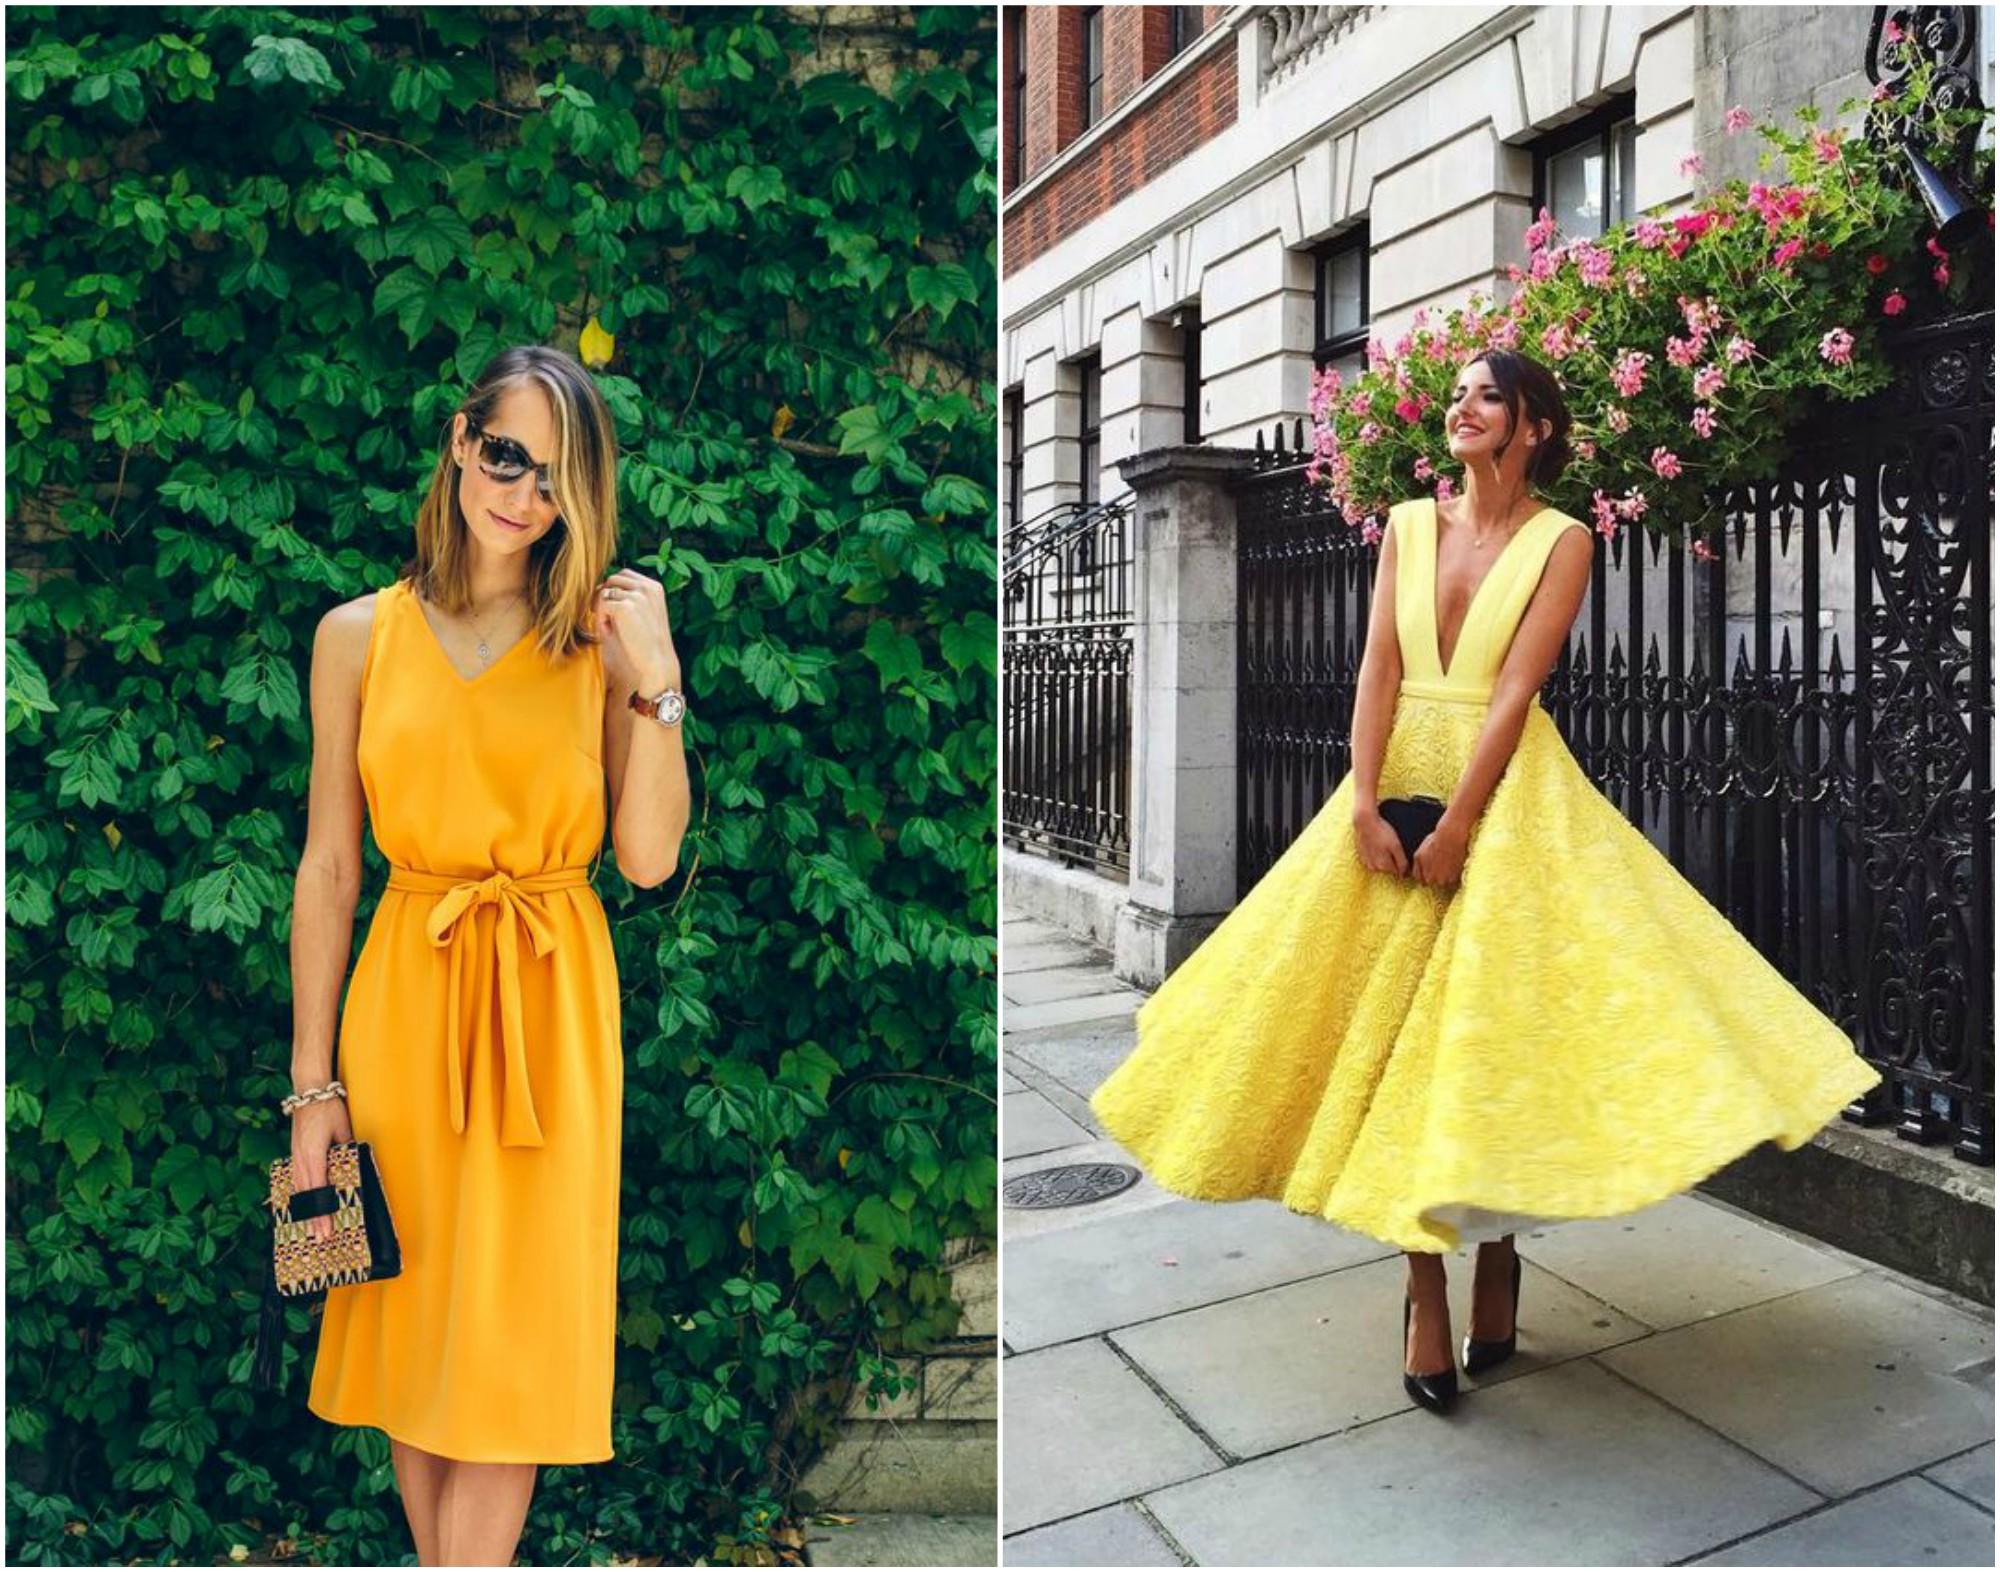 Żółta sukienka na wesele